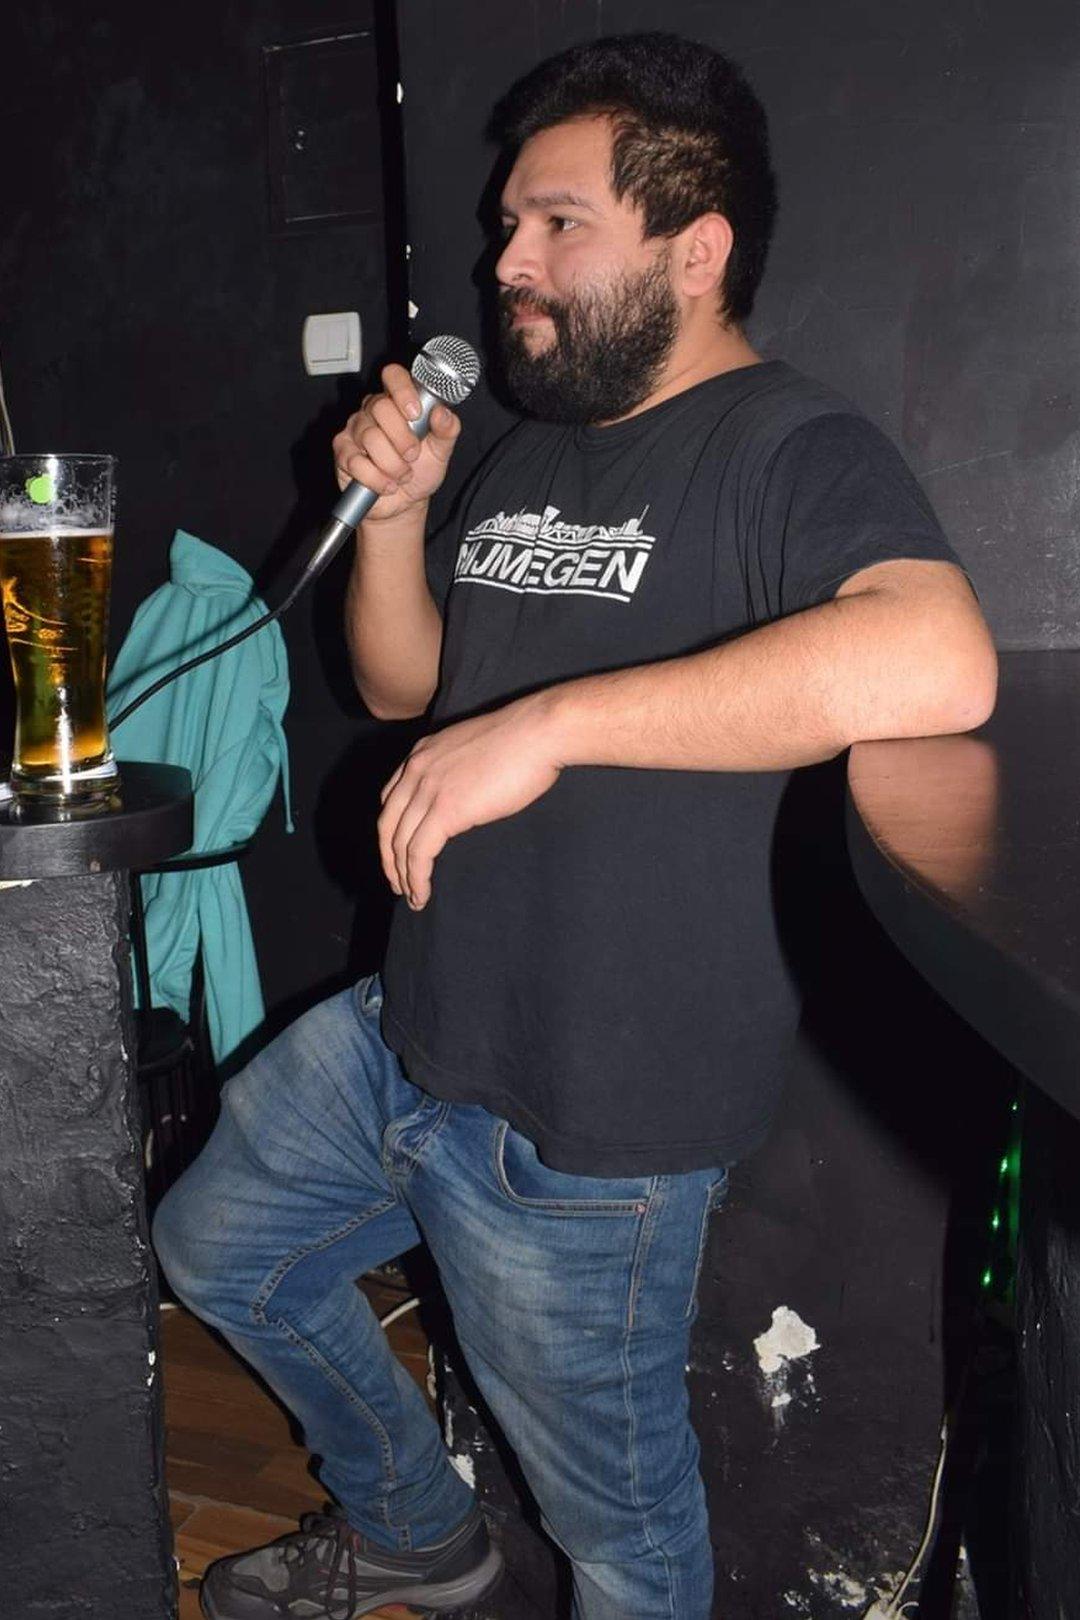 Karlos je čak bio i voditelj jednog pab kviza u Beogradu/Karlos Franko